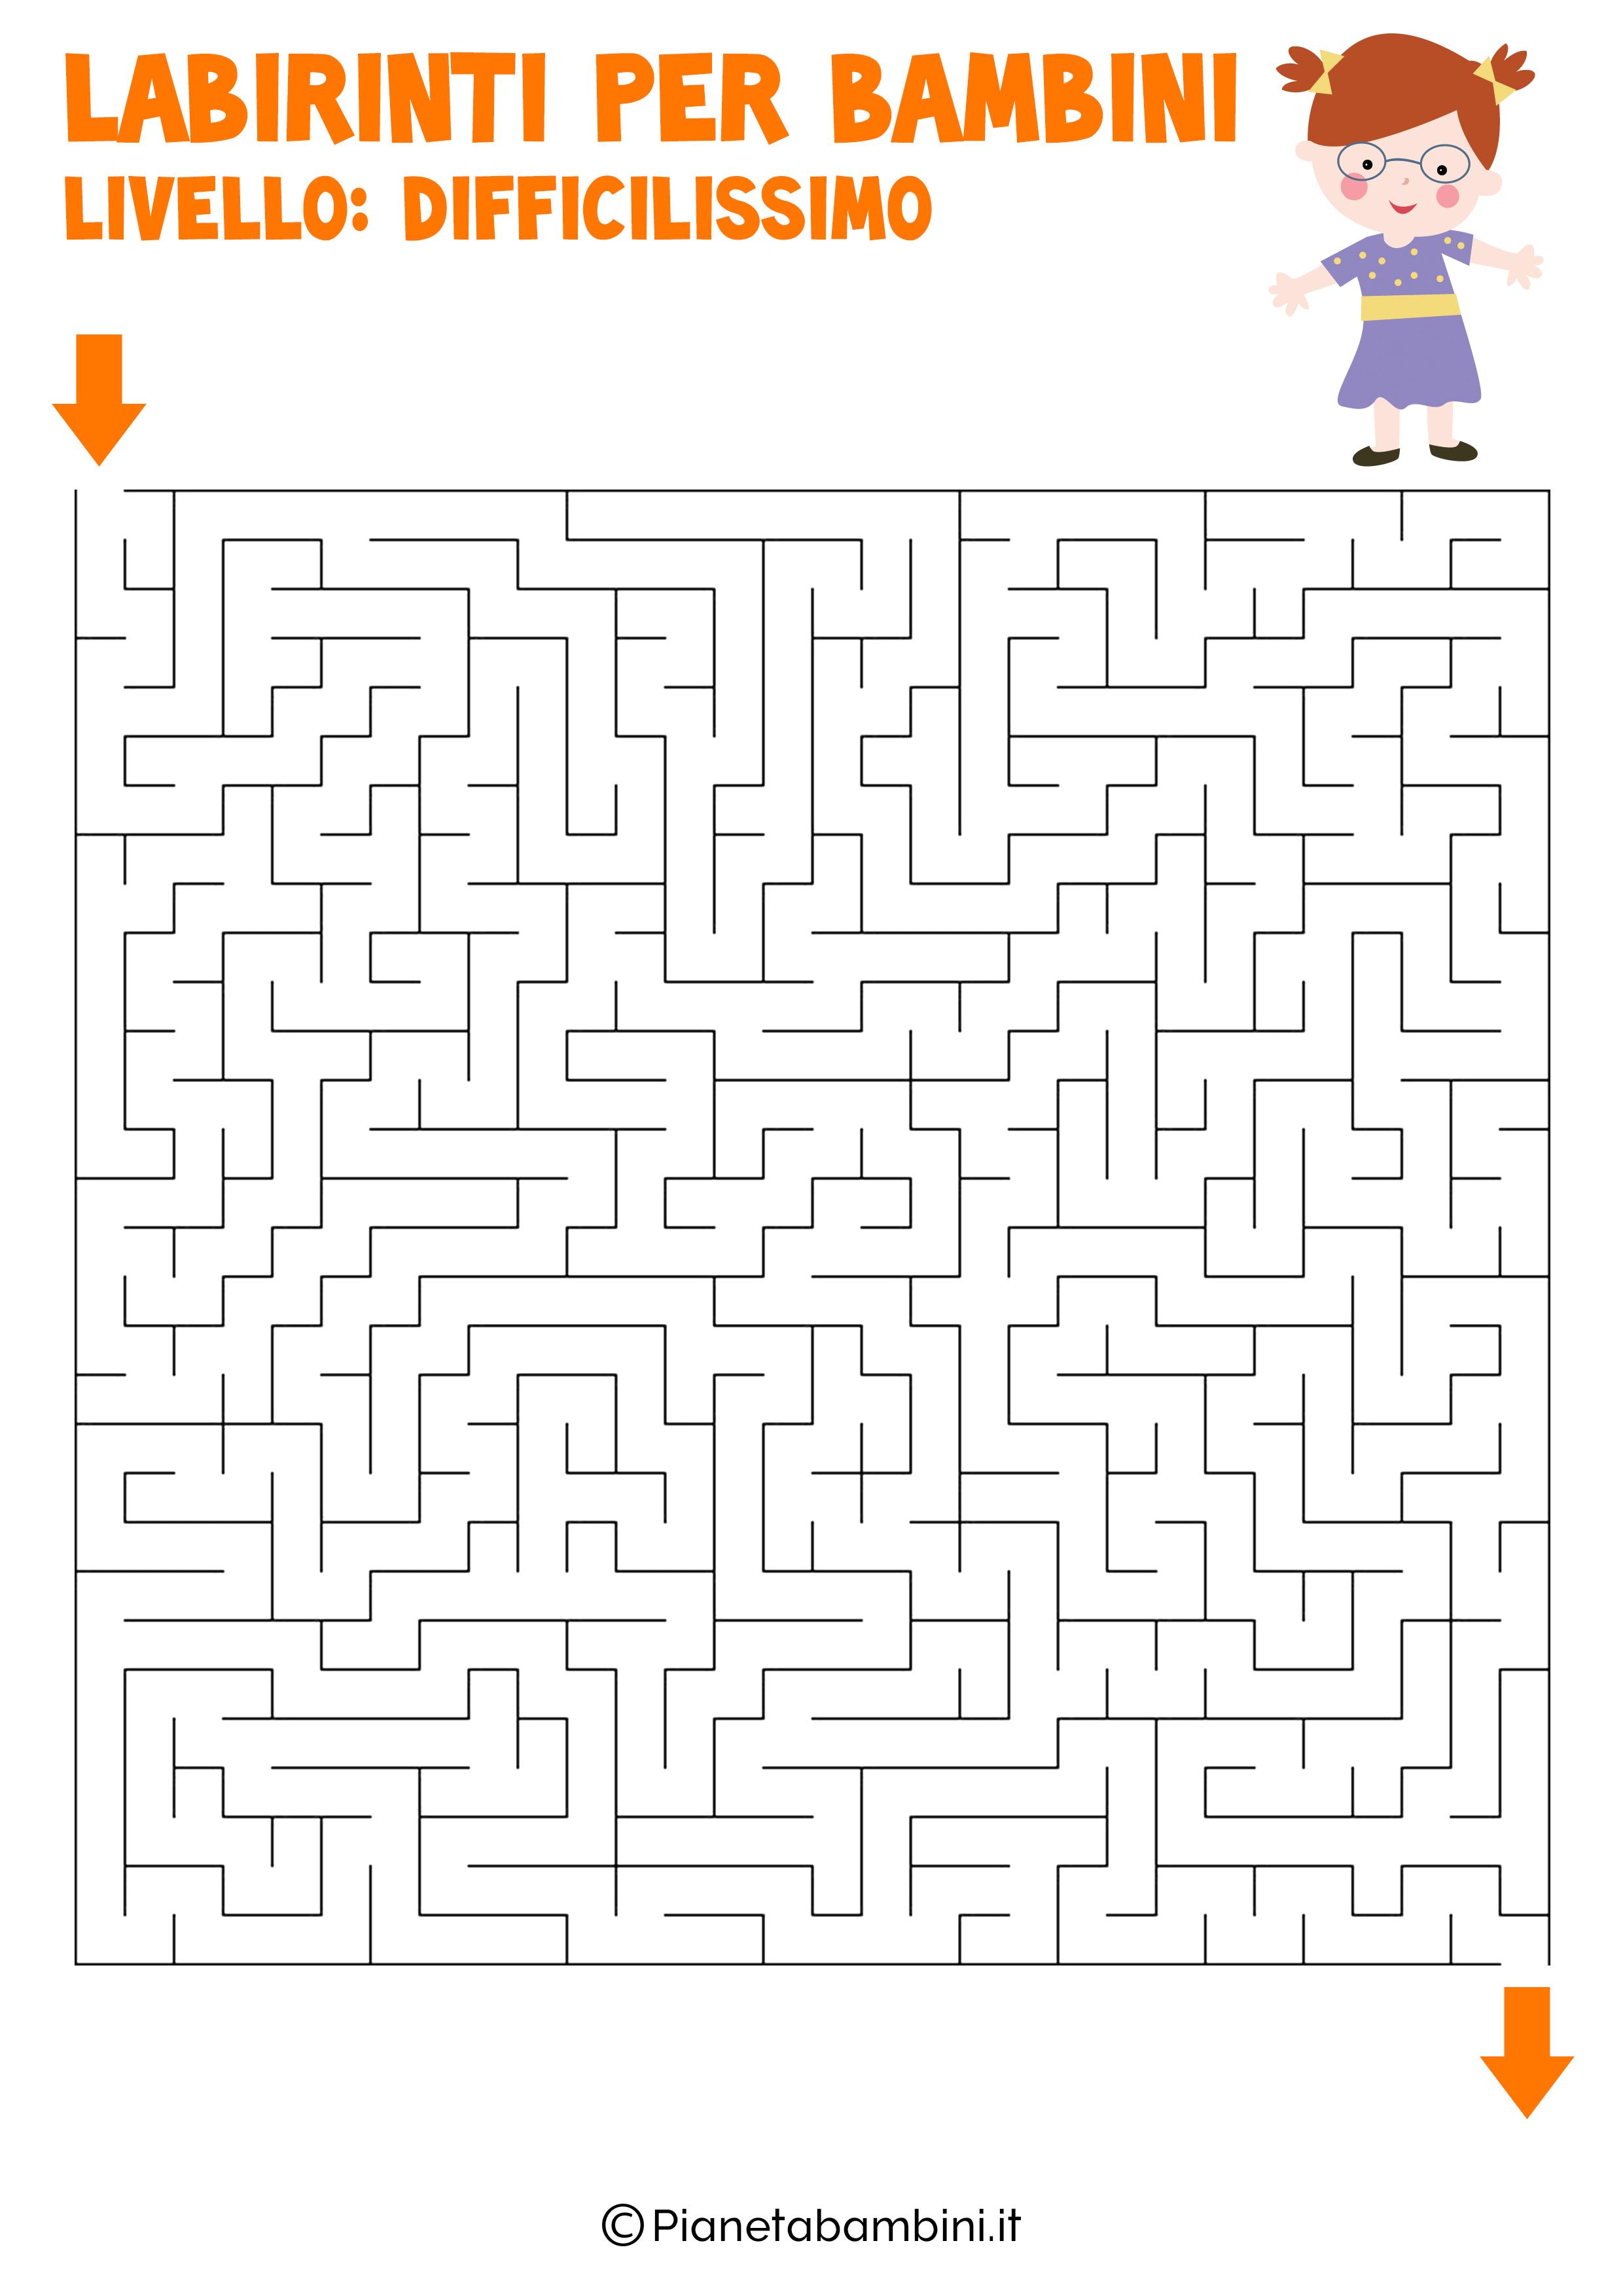 Labirinto difficilissimo per bambini numero 13